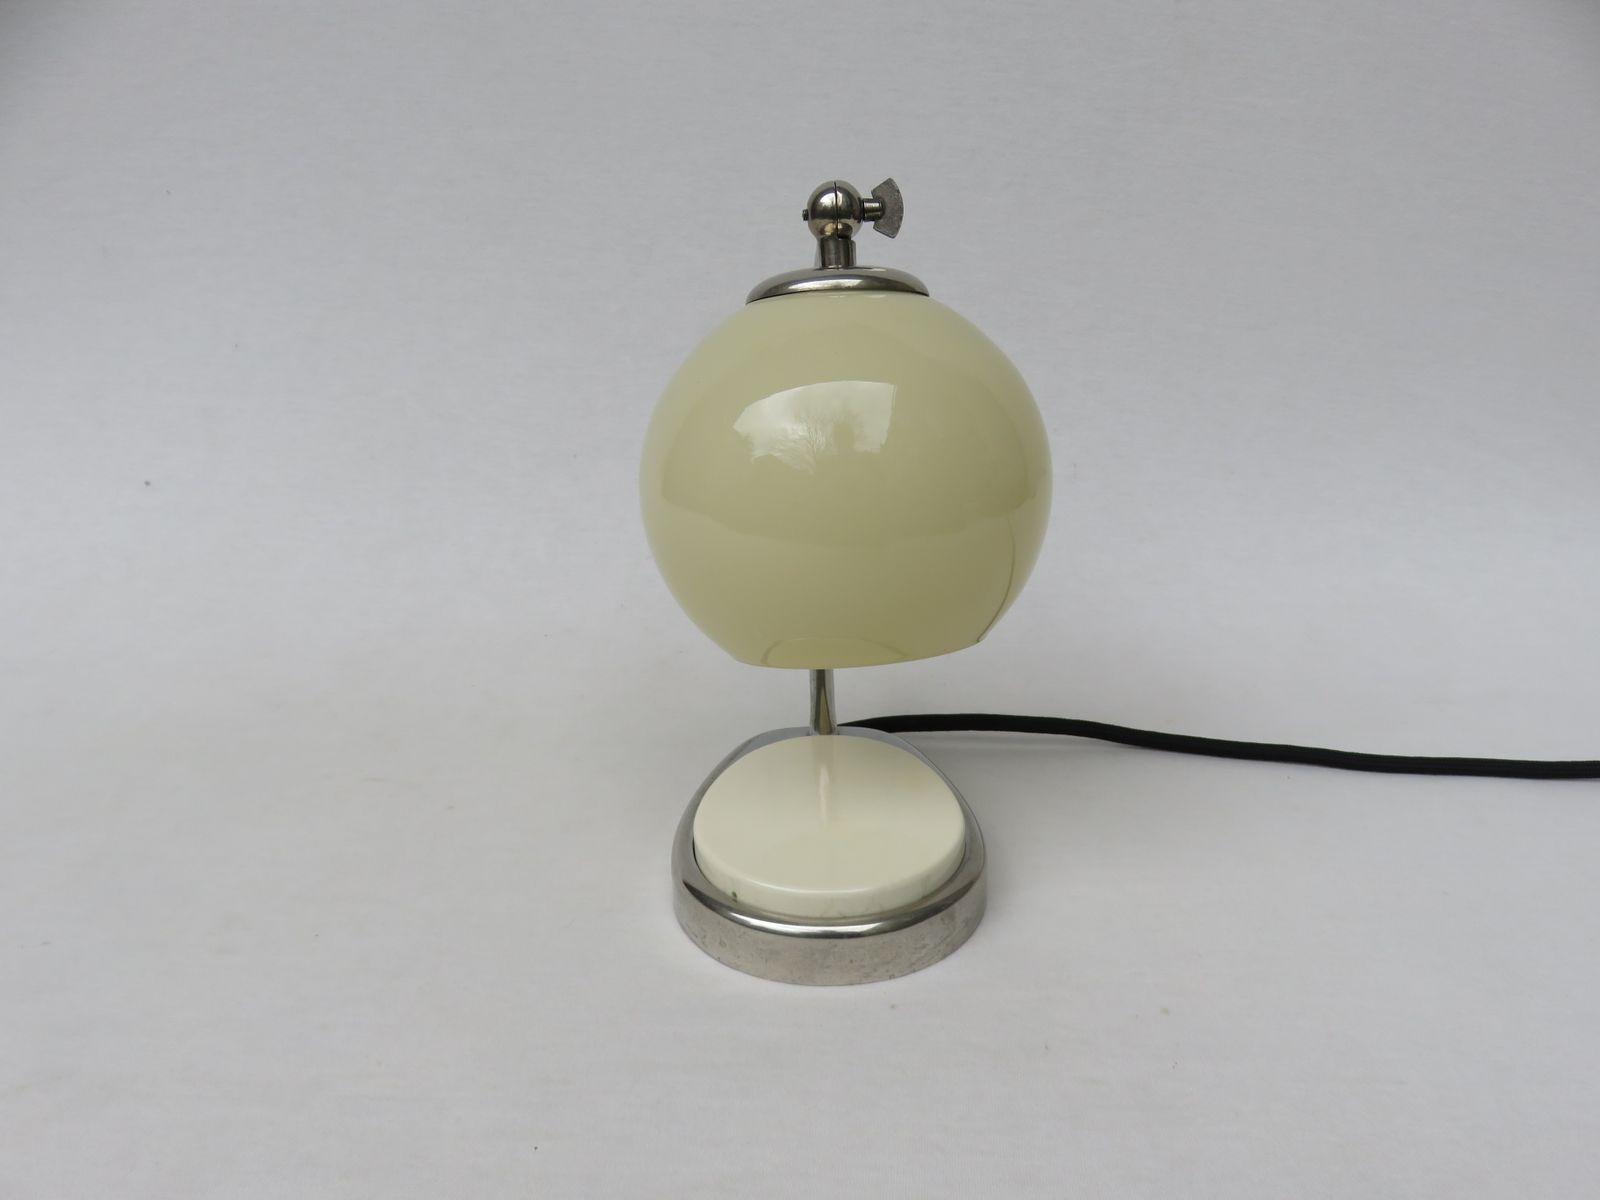 nachttisch lampe von marianne brandt 1959 bei pamono kaufen. Black Bedroom Furniture Sets. Home Design Ideas